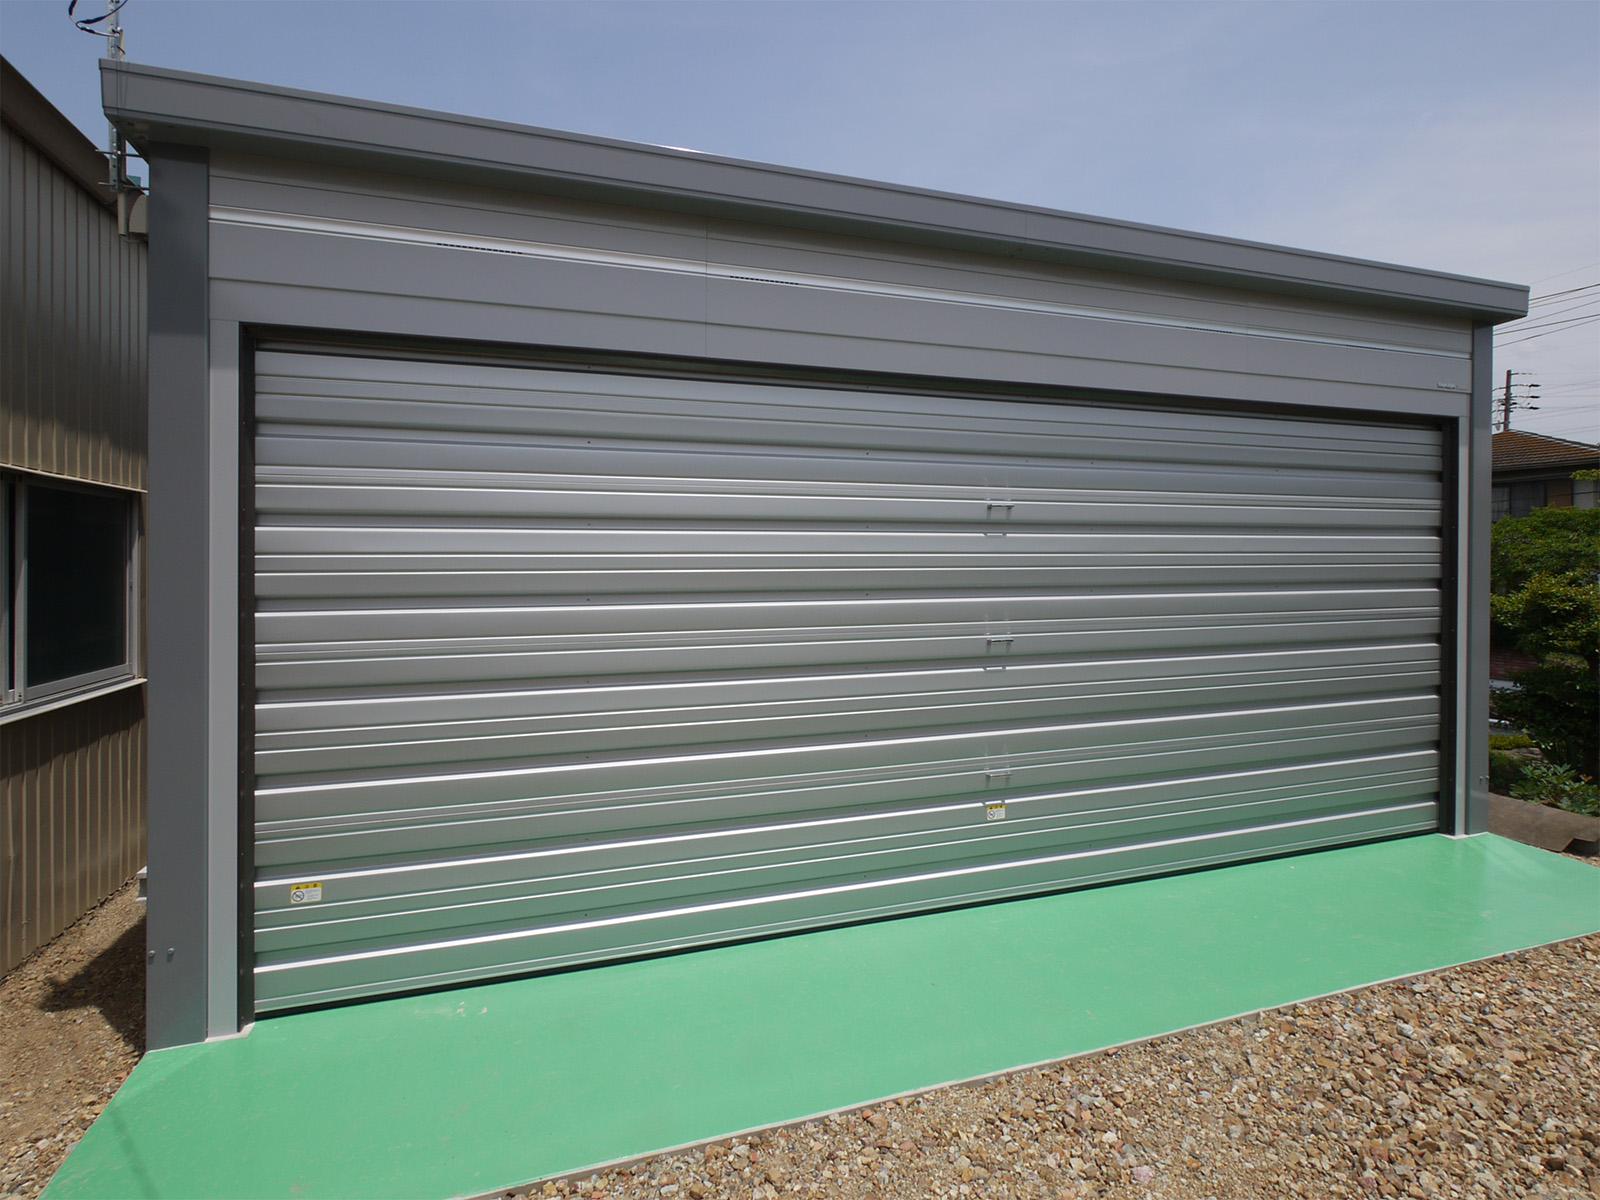 イナバ「ブローディア」。ワイドな開口部のガレージで強度もあります。